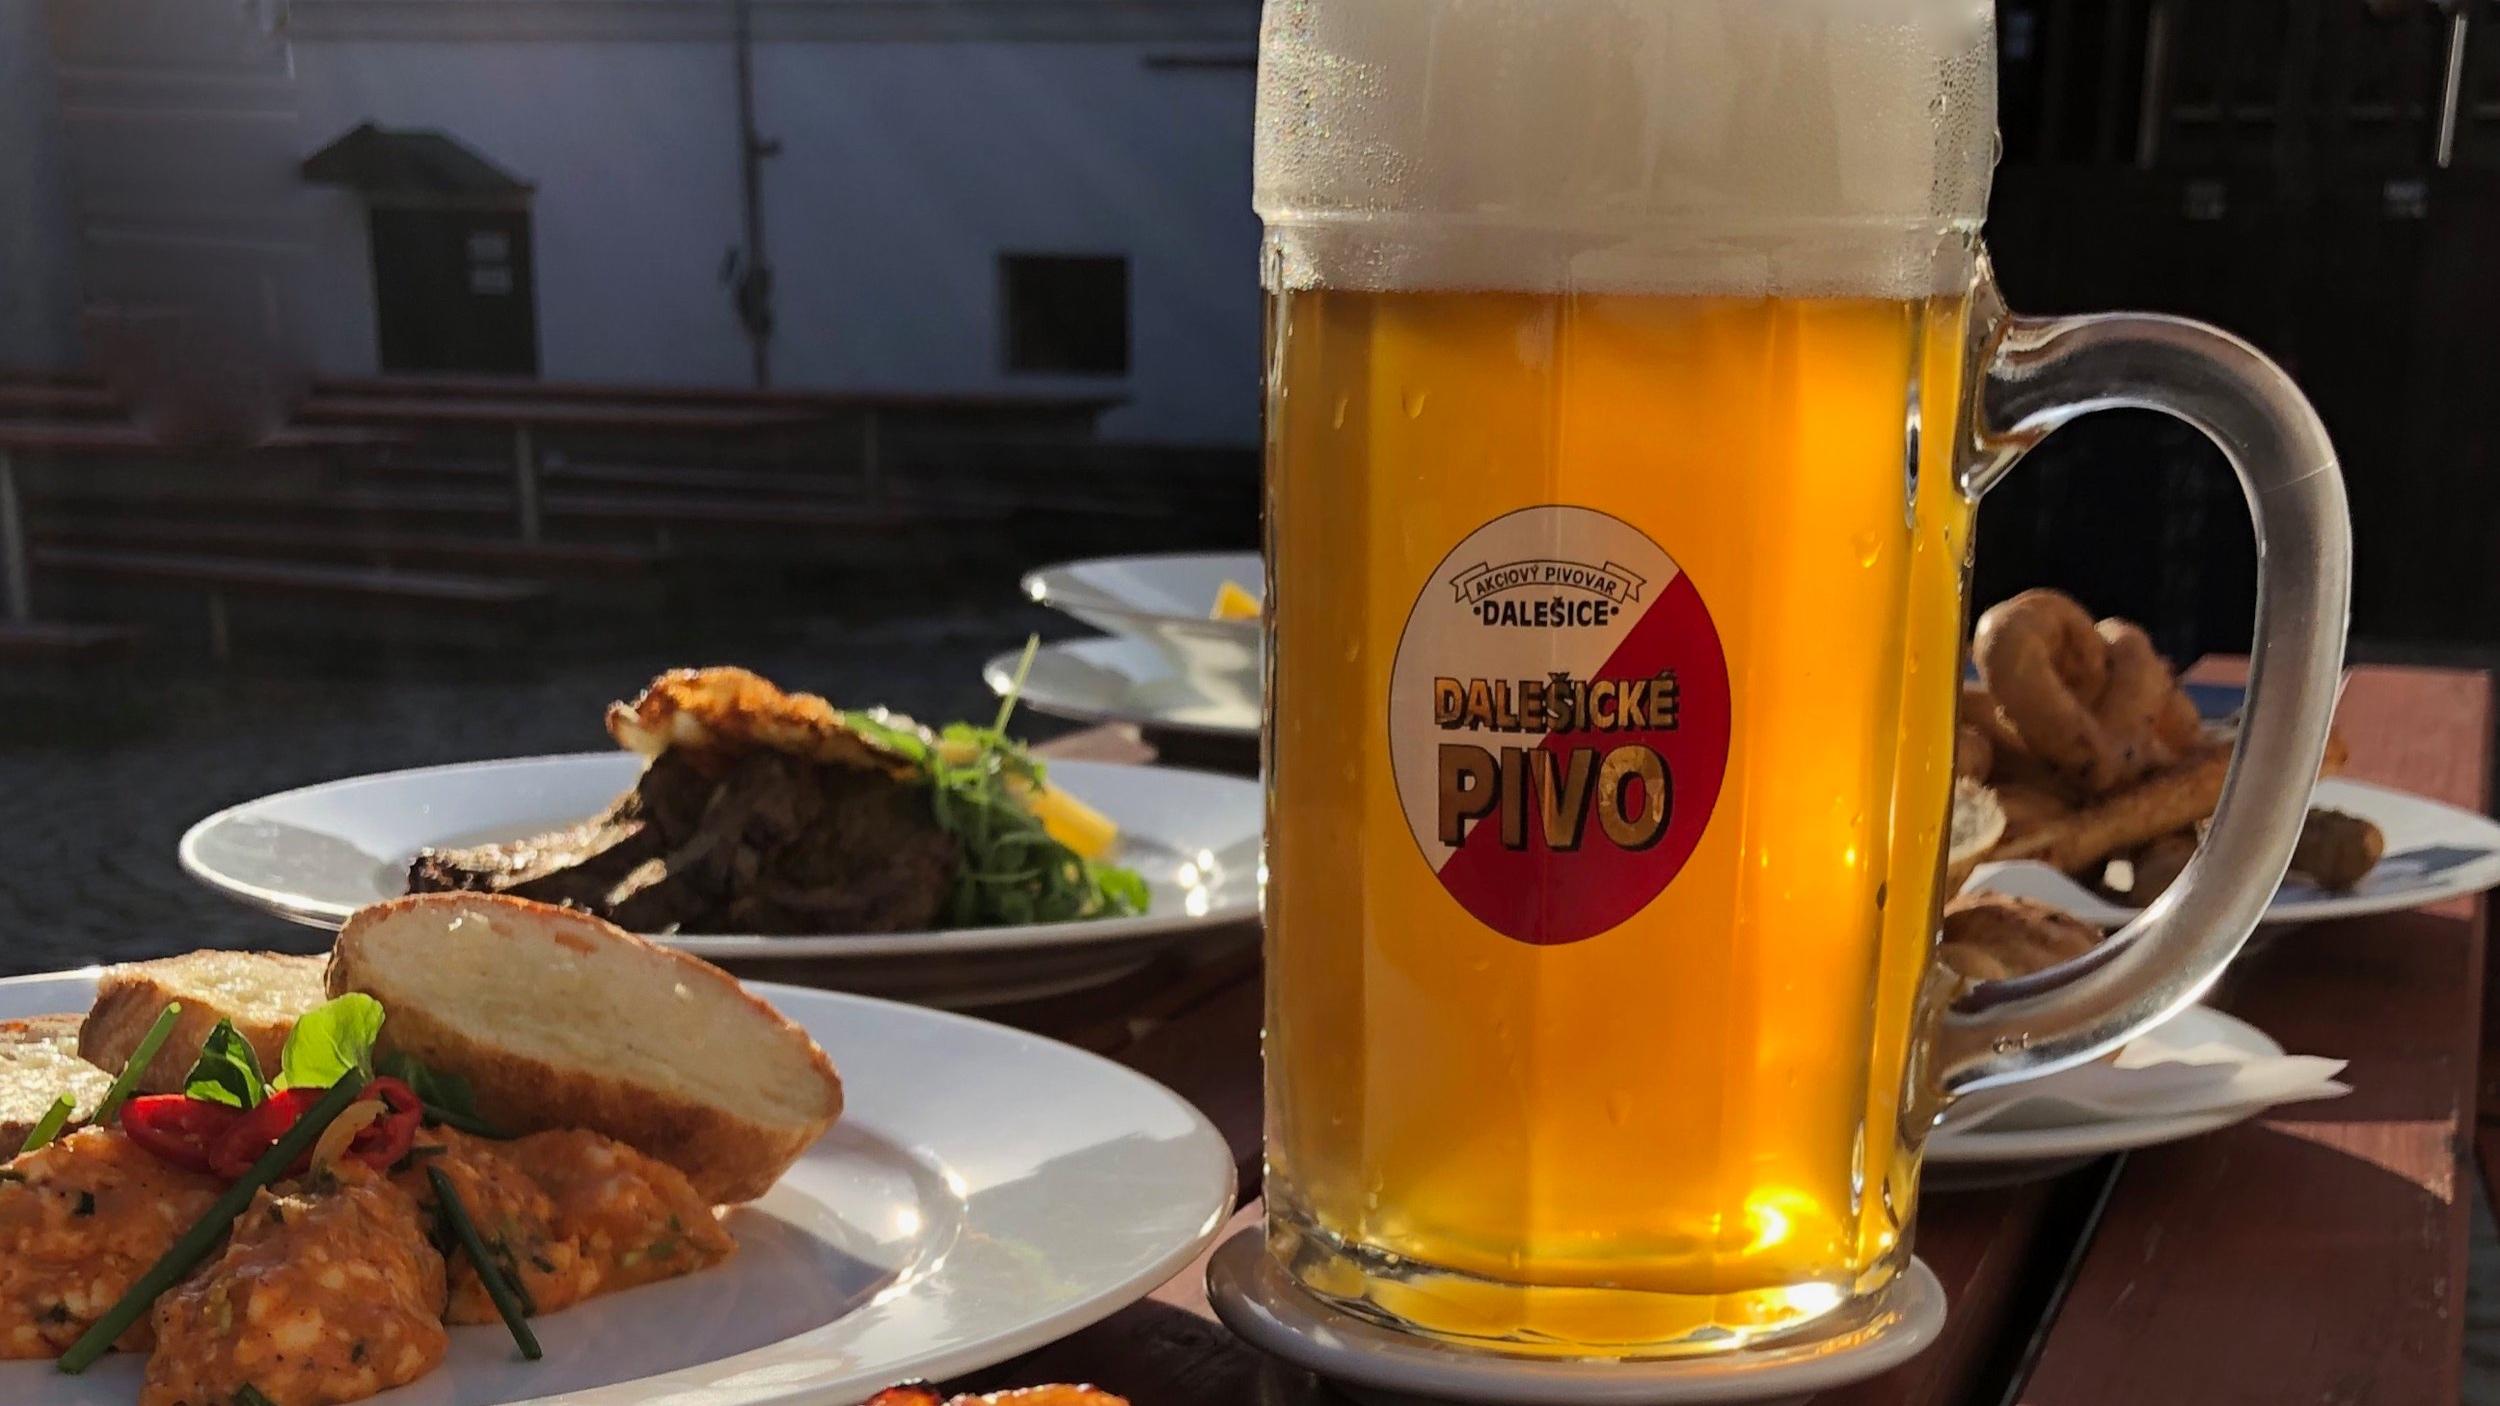 Pivobraní aneb Dalešický Oktoberfest - 25. - 29. 9. Speciality z piva a k pivuOd středy do neděle, v sobotu i s kulturním programem a pokud nám bude přát počasí, bude to nejen akce v Pivovarské restauraci, ale stane se z toho zároveň i letošní poslední venkovní událost, tak nám držte palce ;-)Rezervujte si svůj stůl na rezervace@pivovar-dalesice.cz nebo 568 860 942.